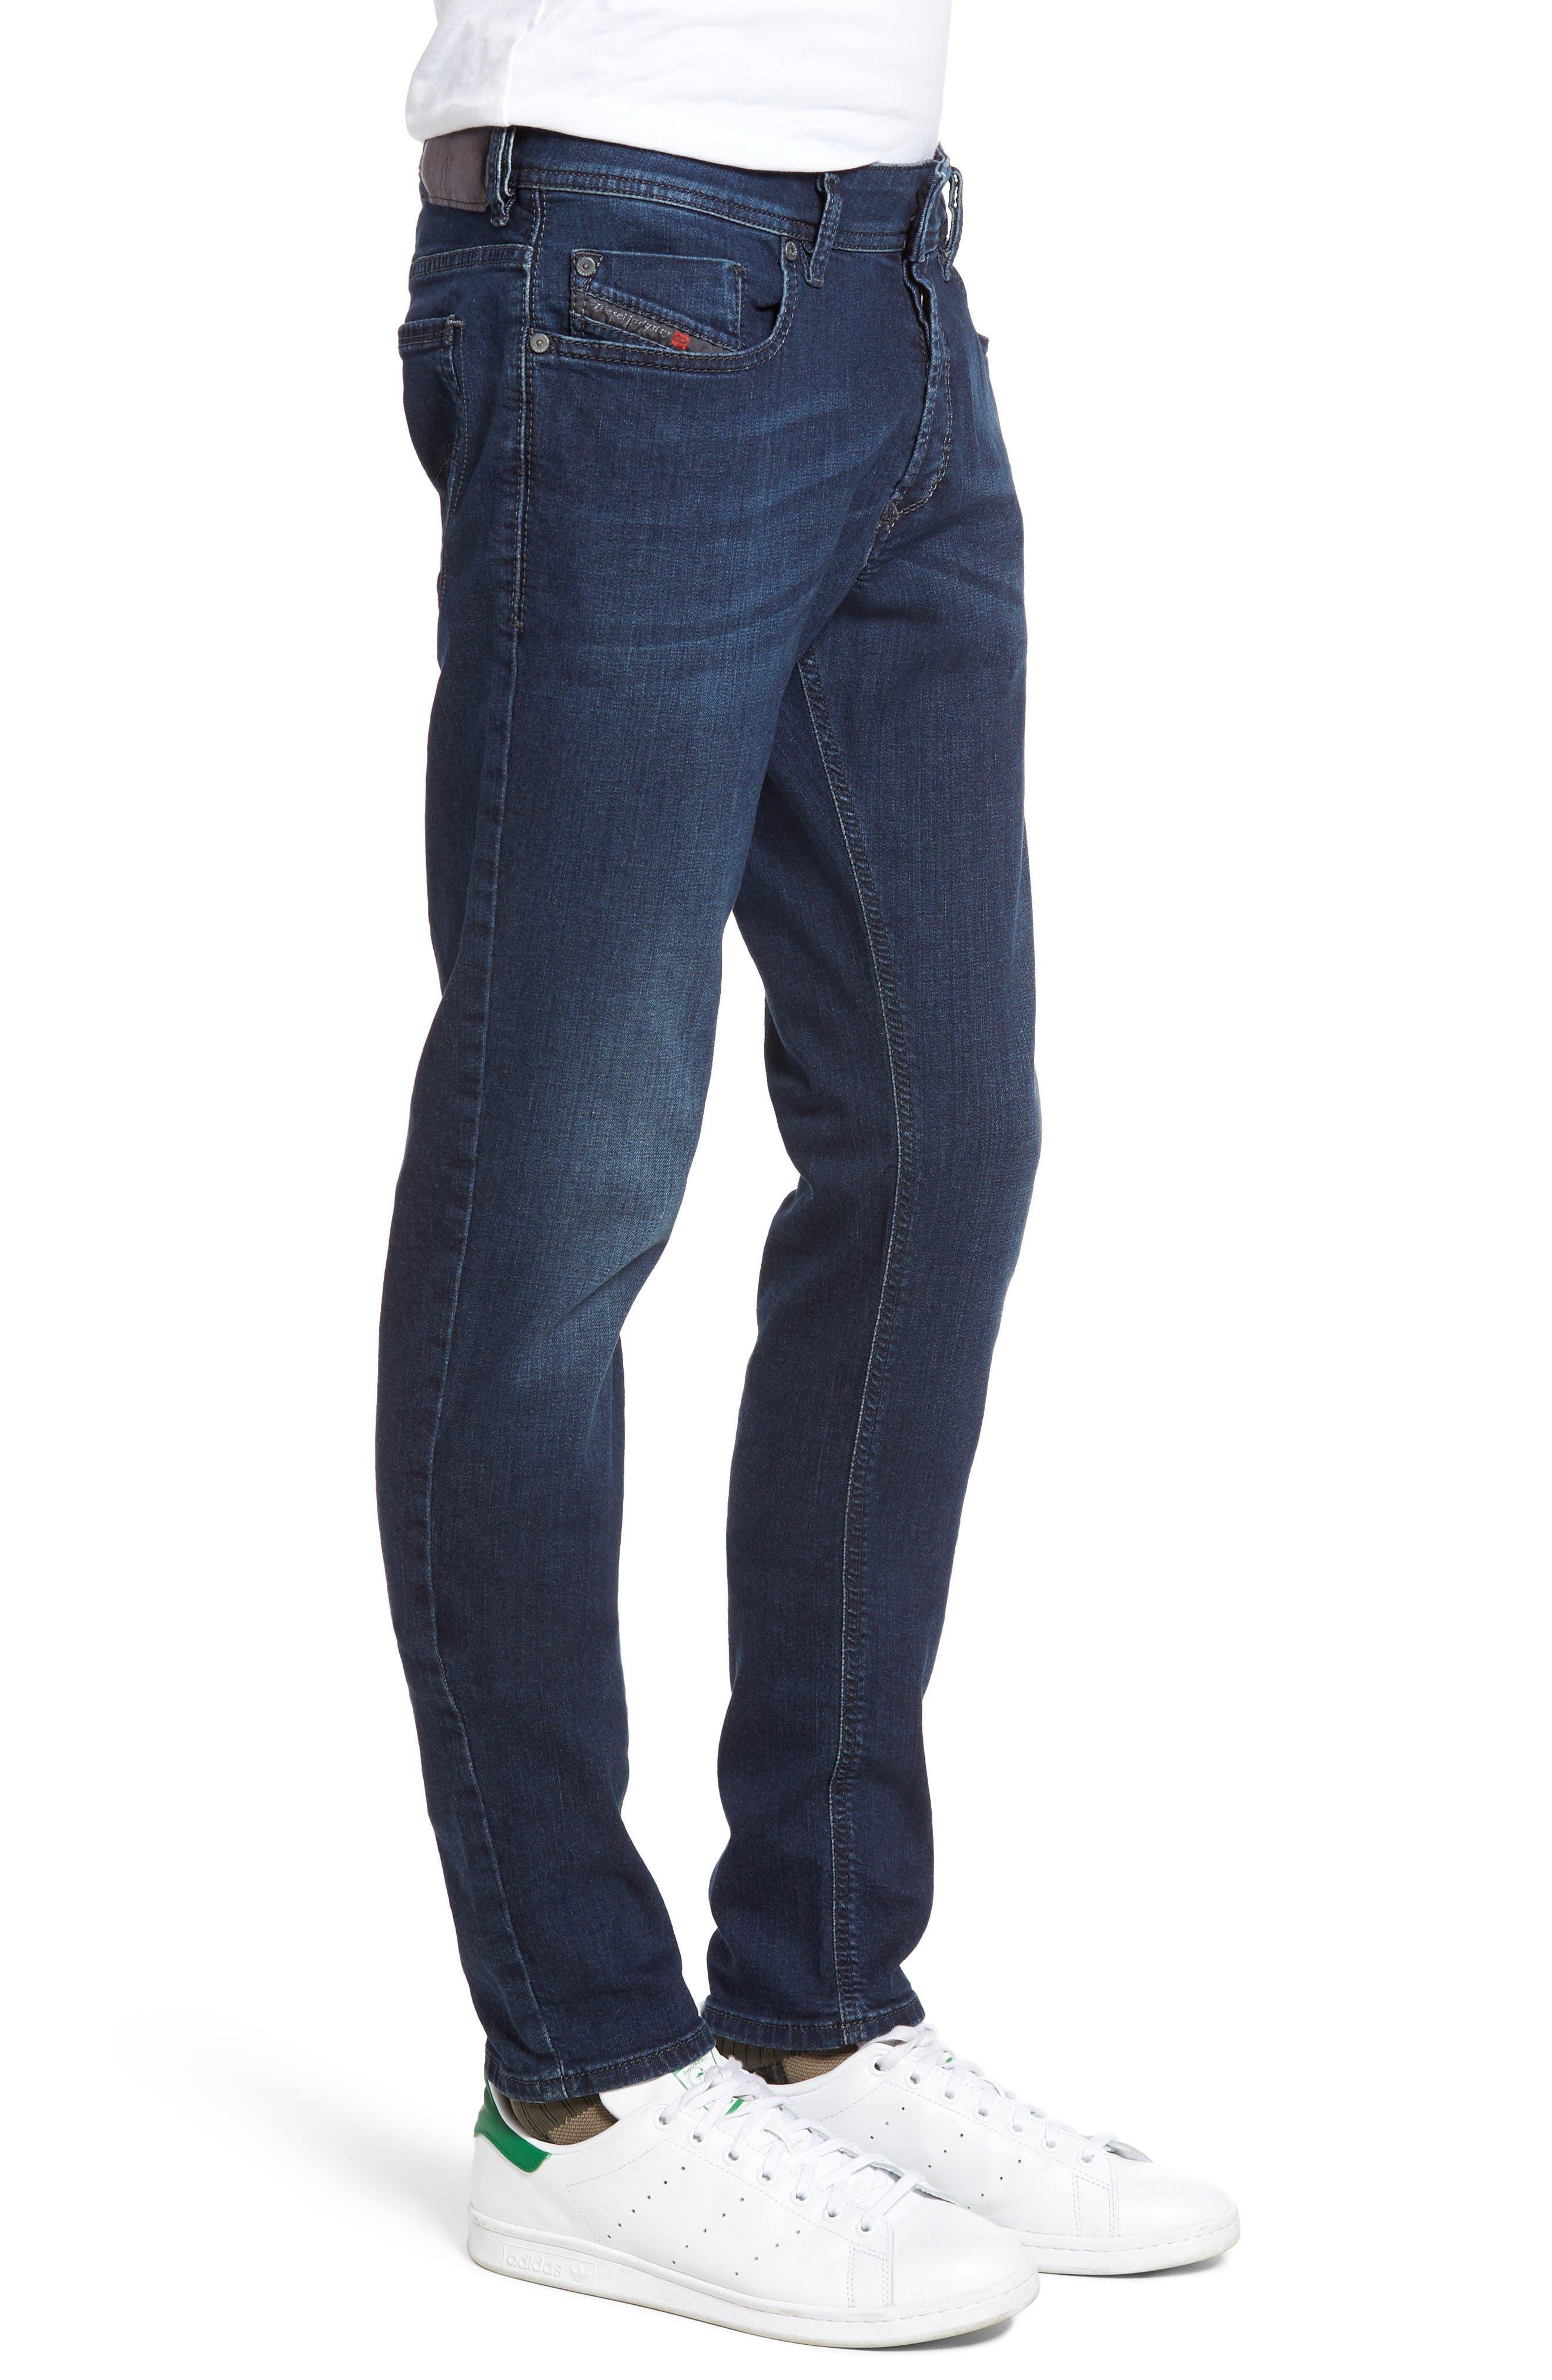 Sleenker Skinny Fit Jeans,                             Alternate thumbnail 3, color,                             0854E